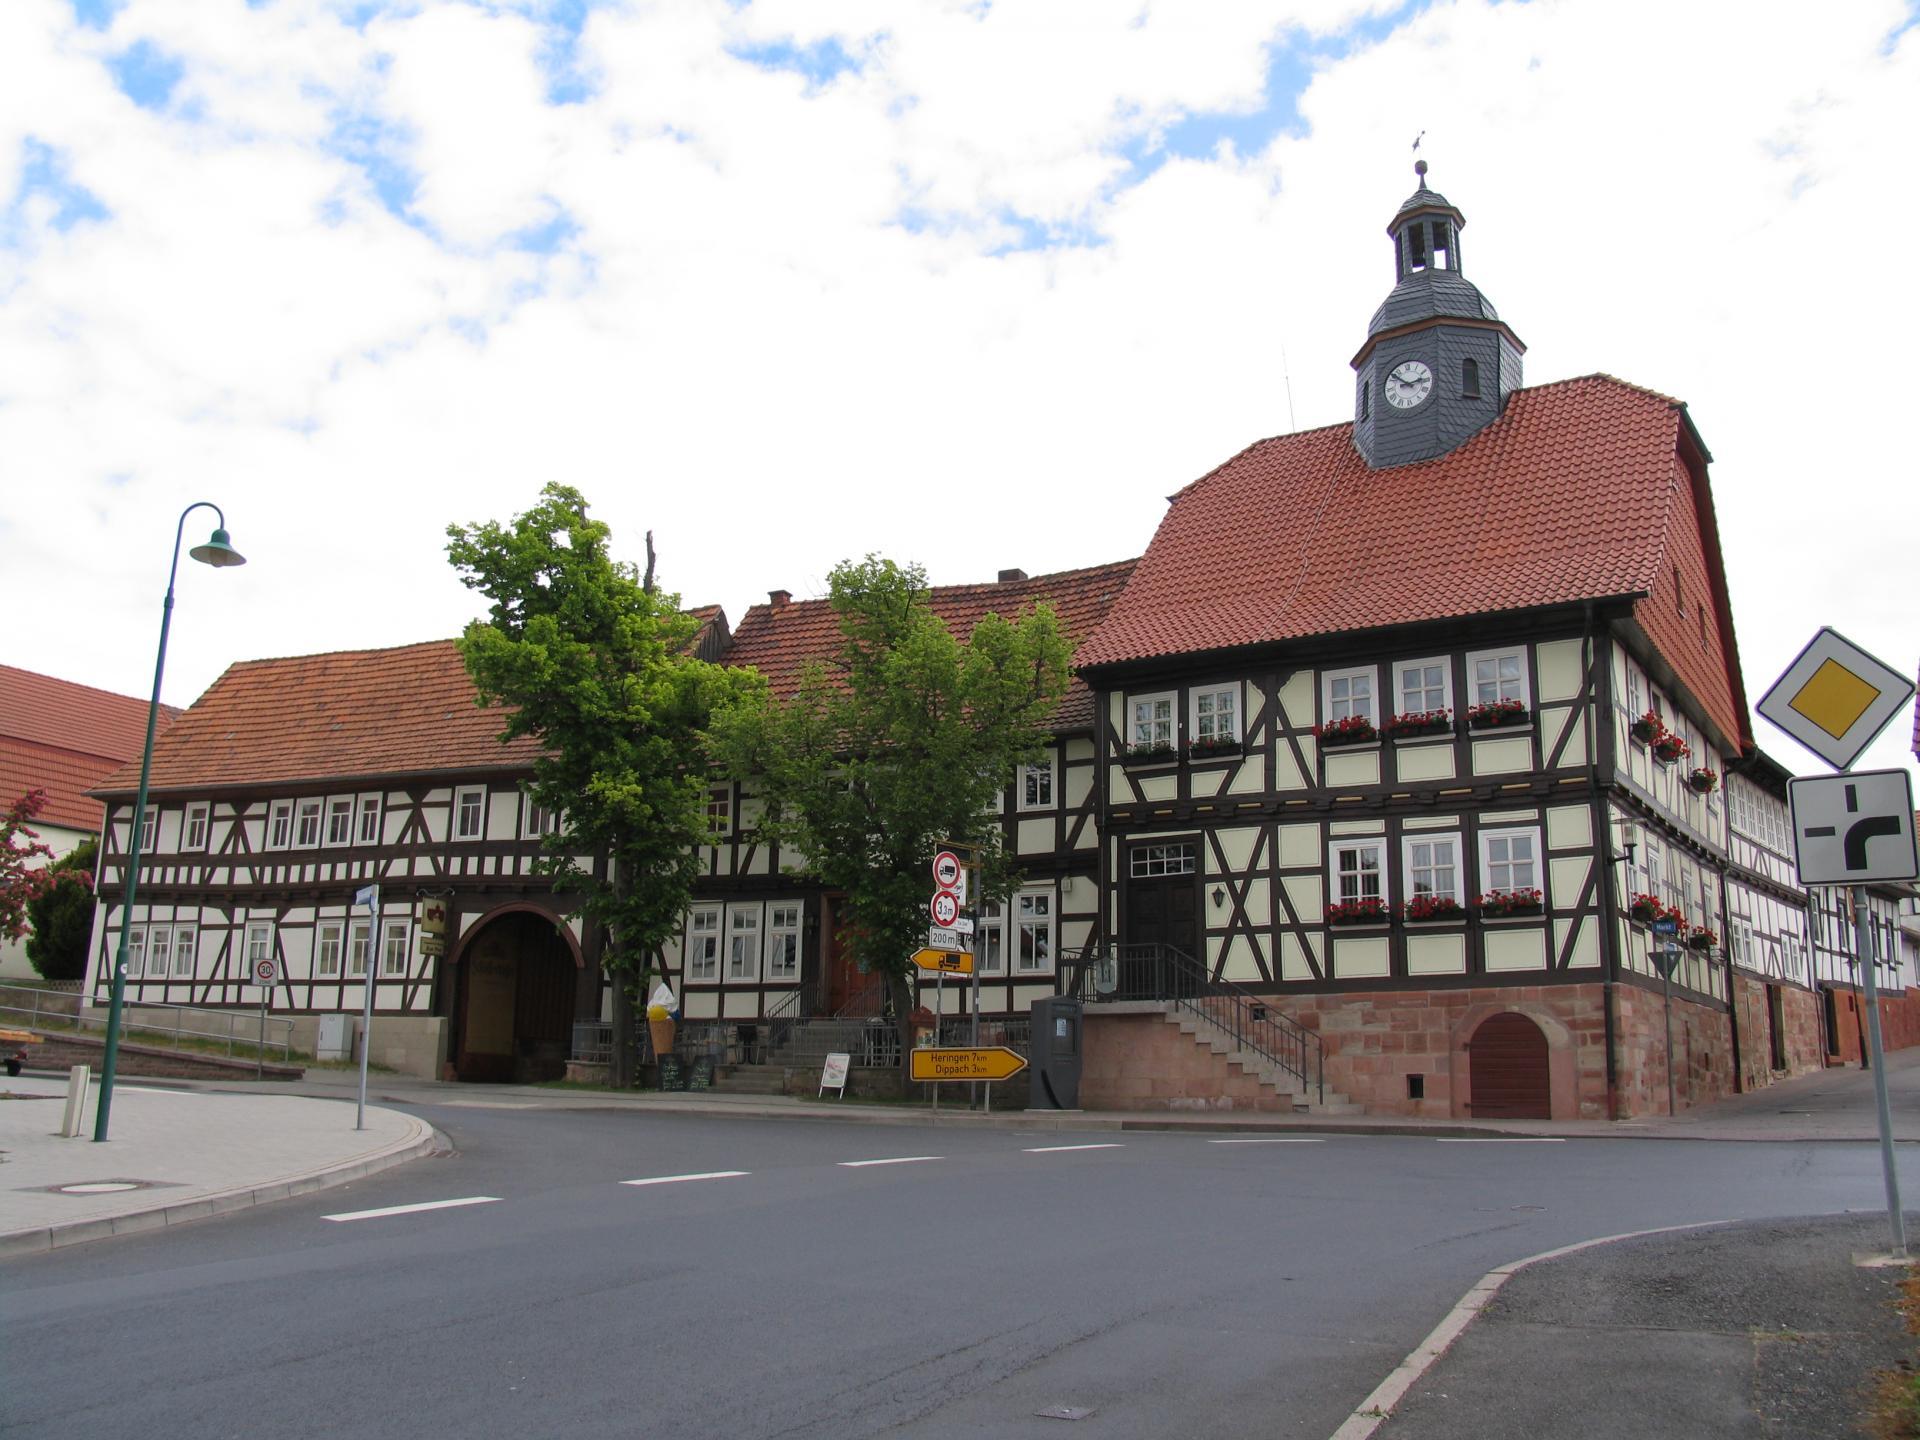 Rathaus  Stadtteil Berka